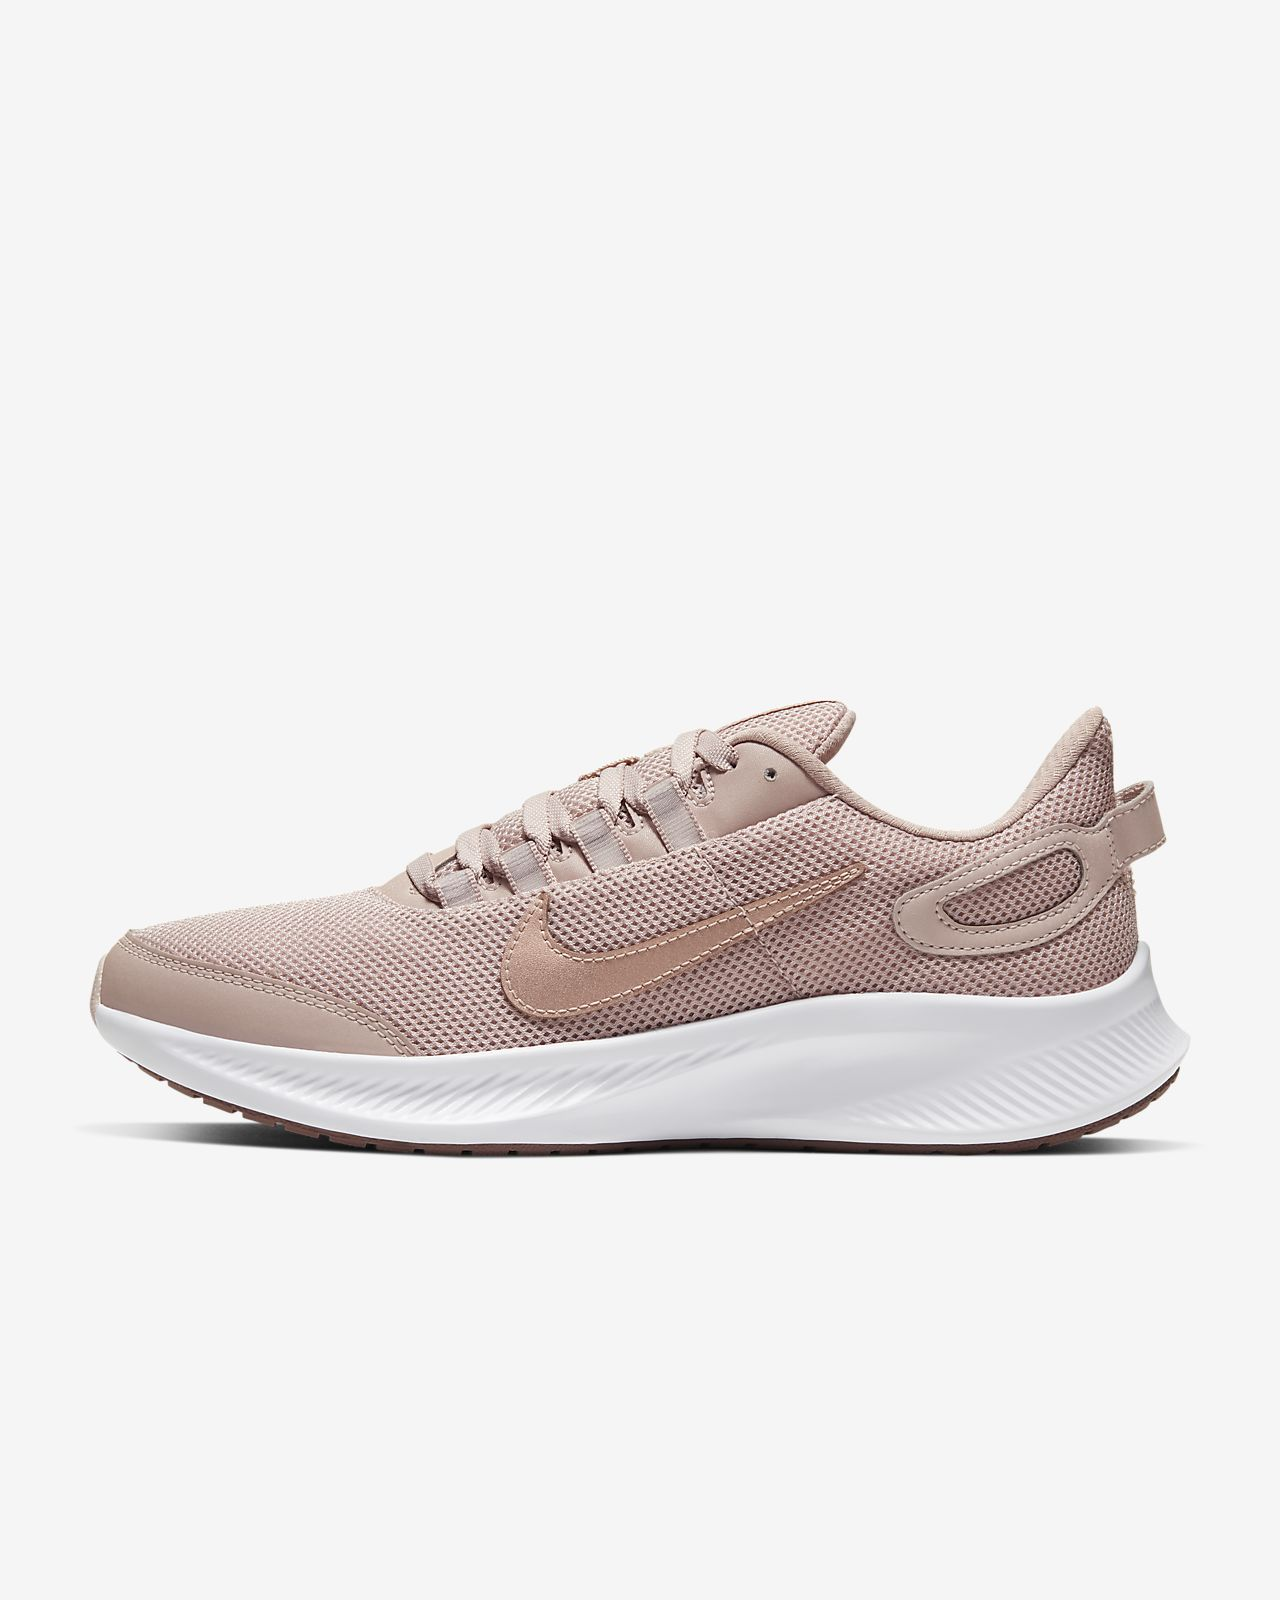 Nike Run All Day 2 Damen Laufschuh